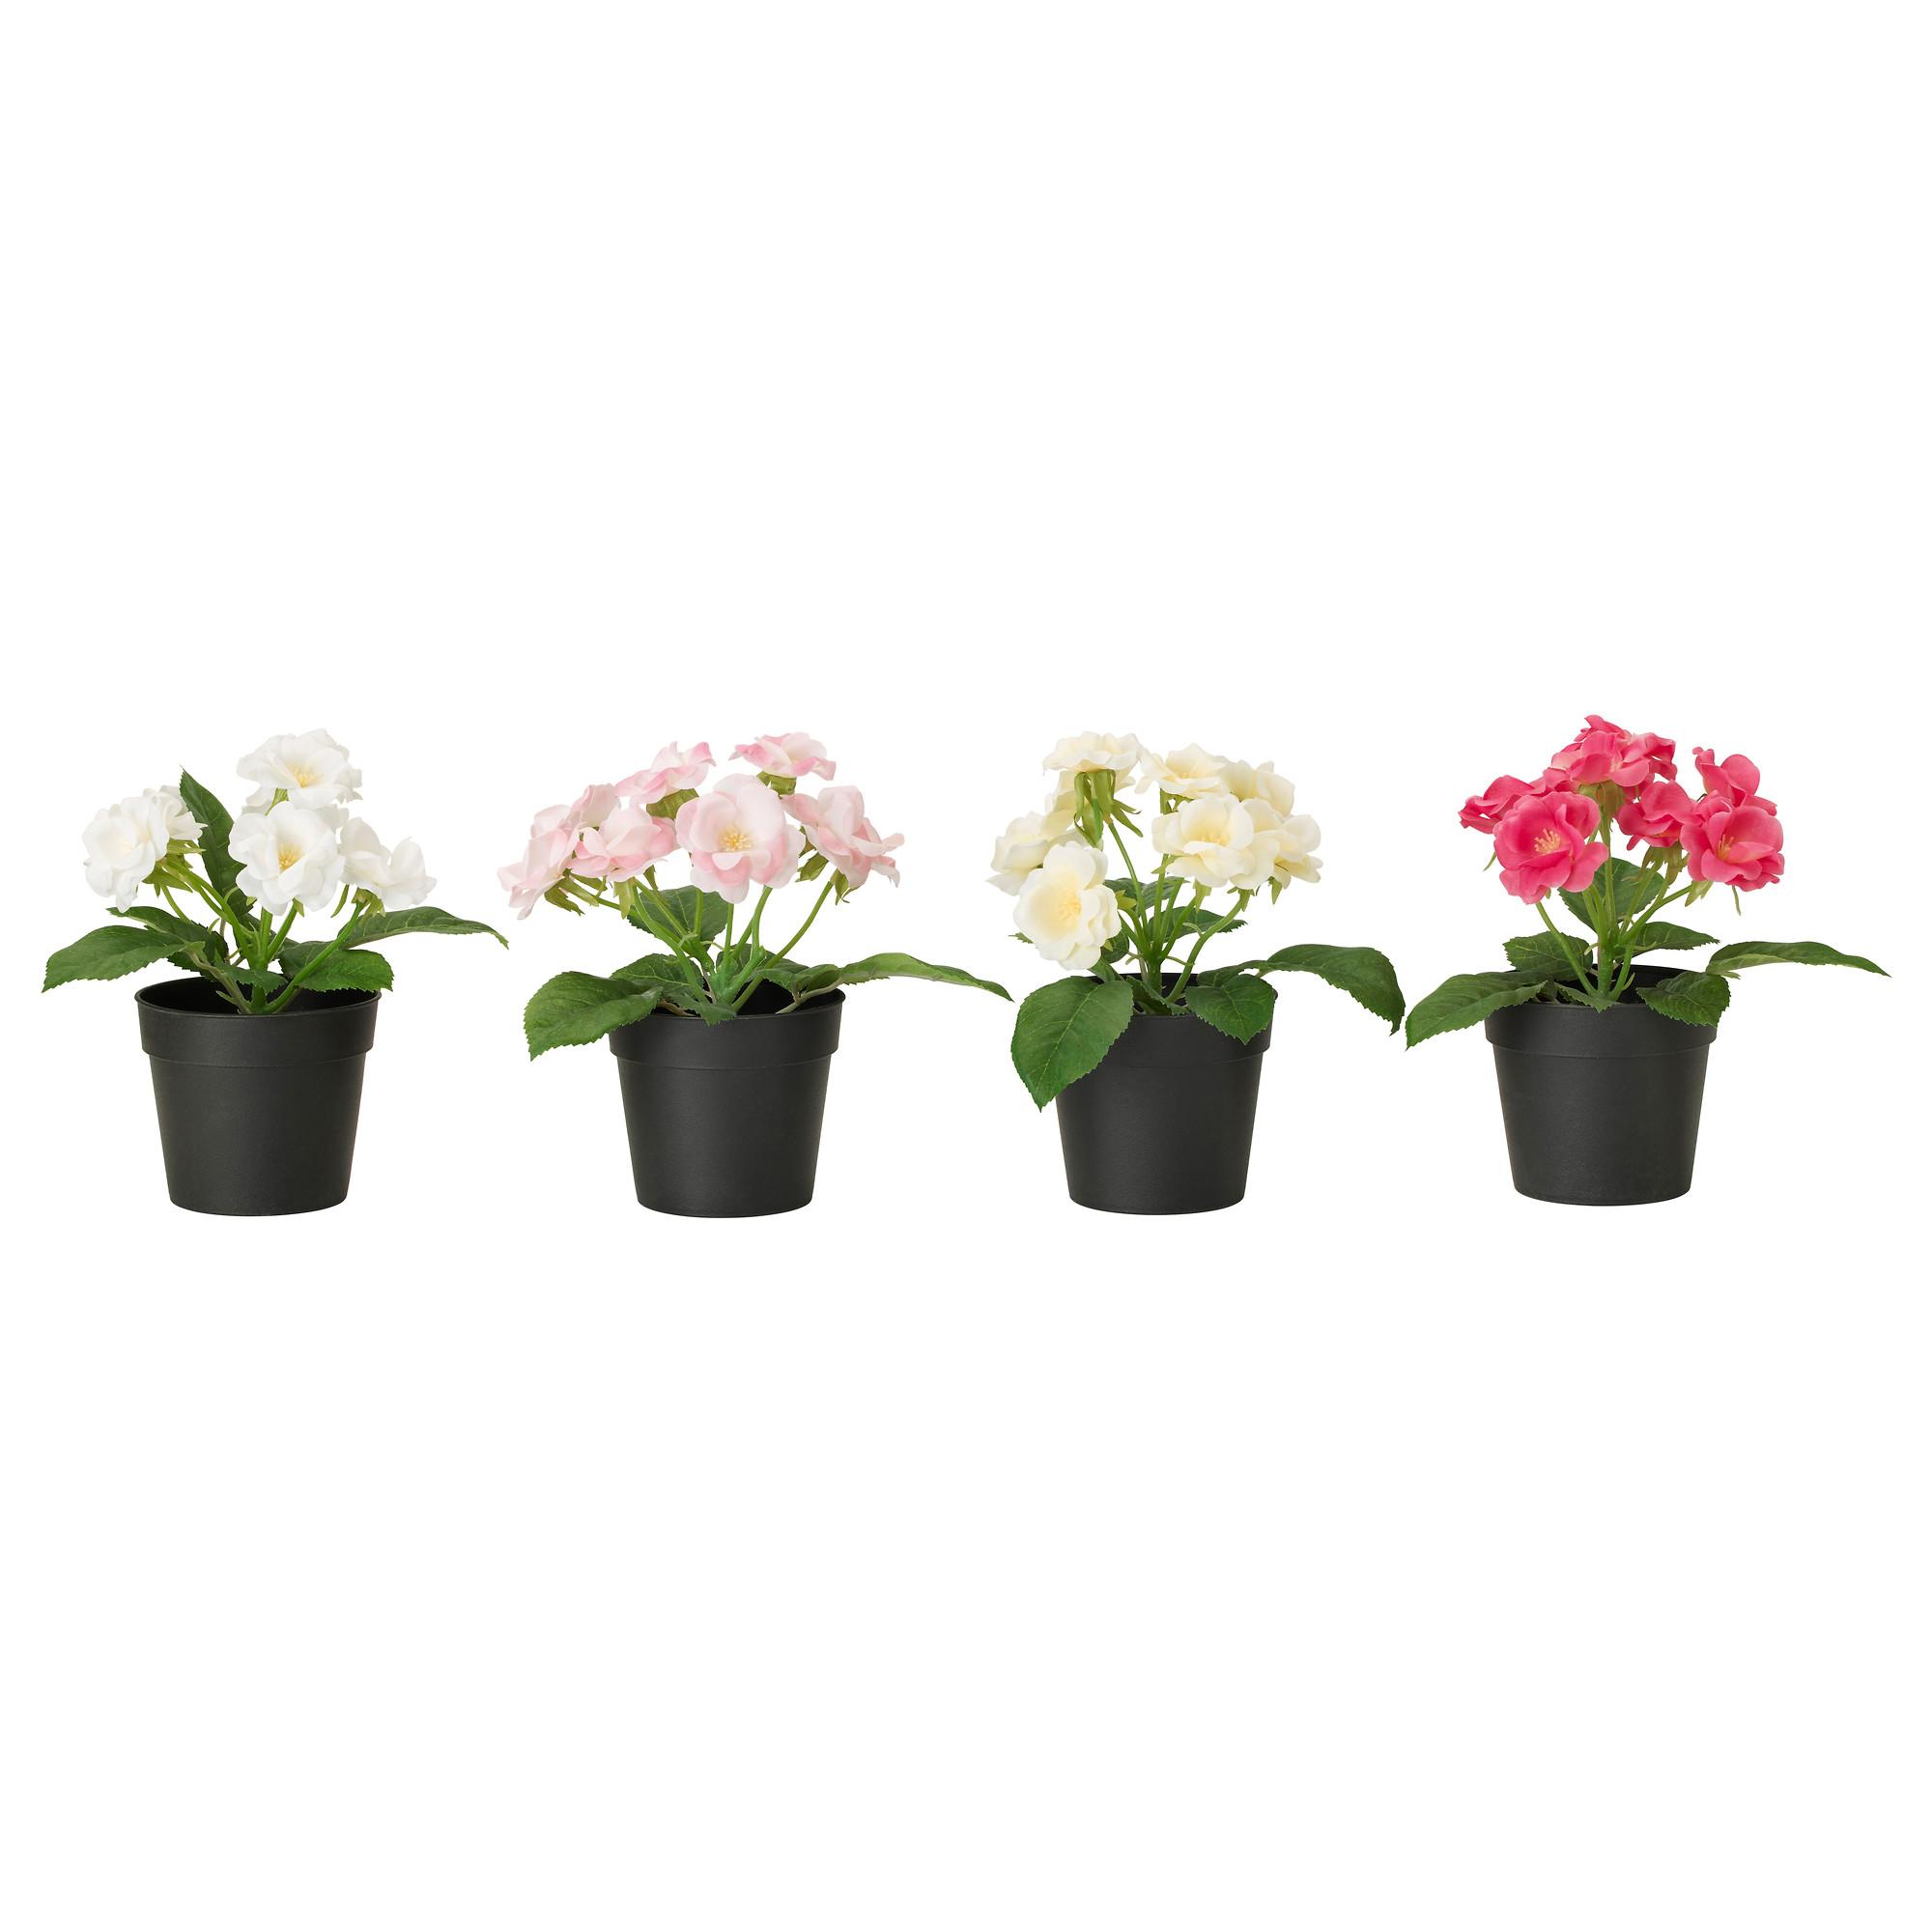 Цветы горшках доставкой минск купить искусственные цветы из ткани оптом